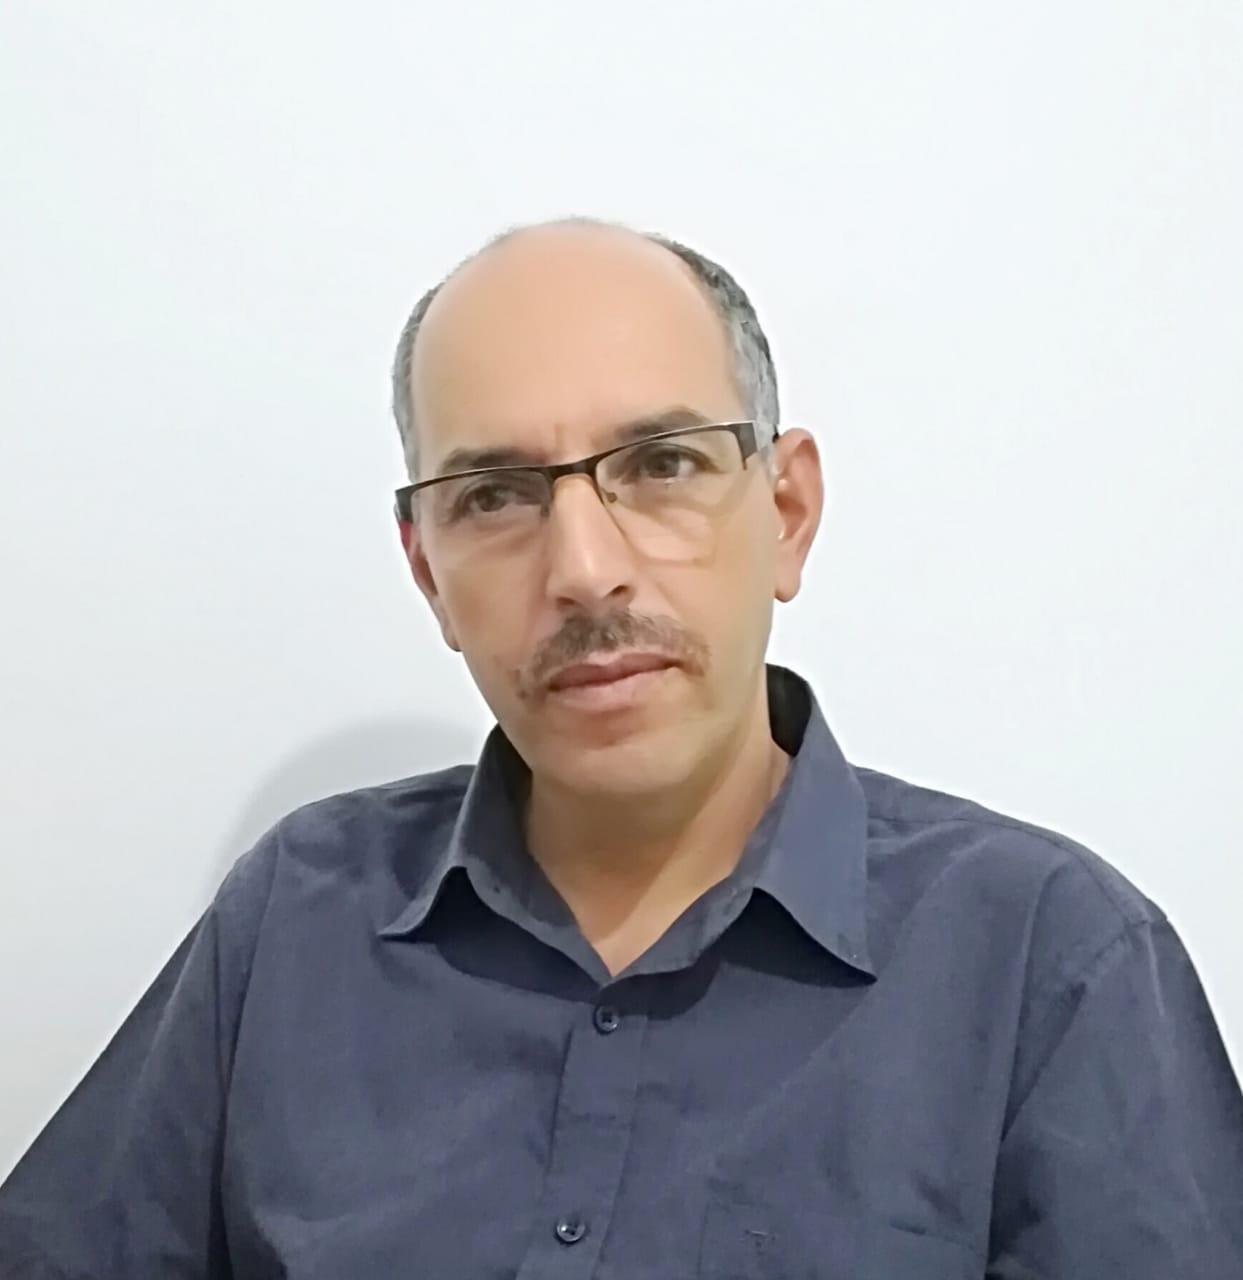 """جذور الحقد و الضغينة في مقال """"جذور القرابة بين الأمازيغية و العربية"""""""